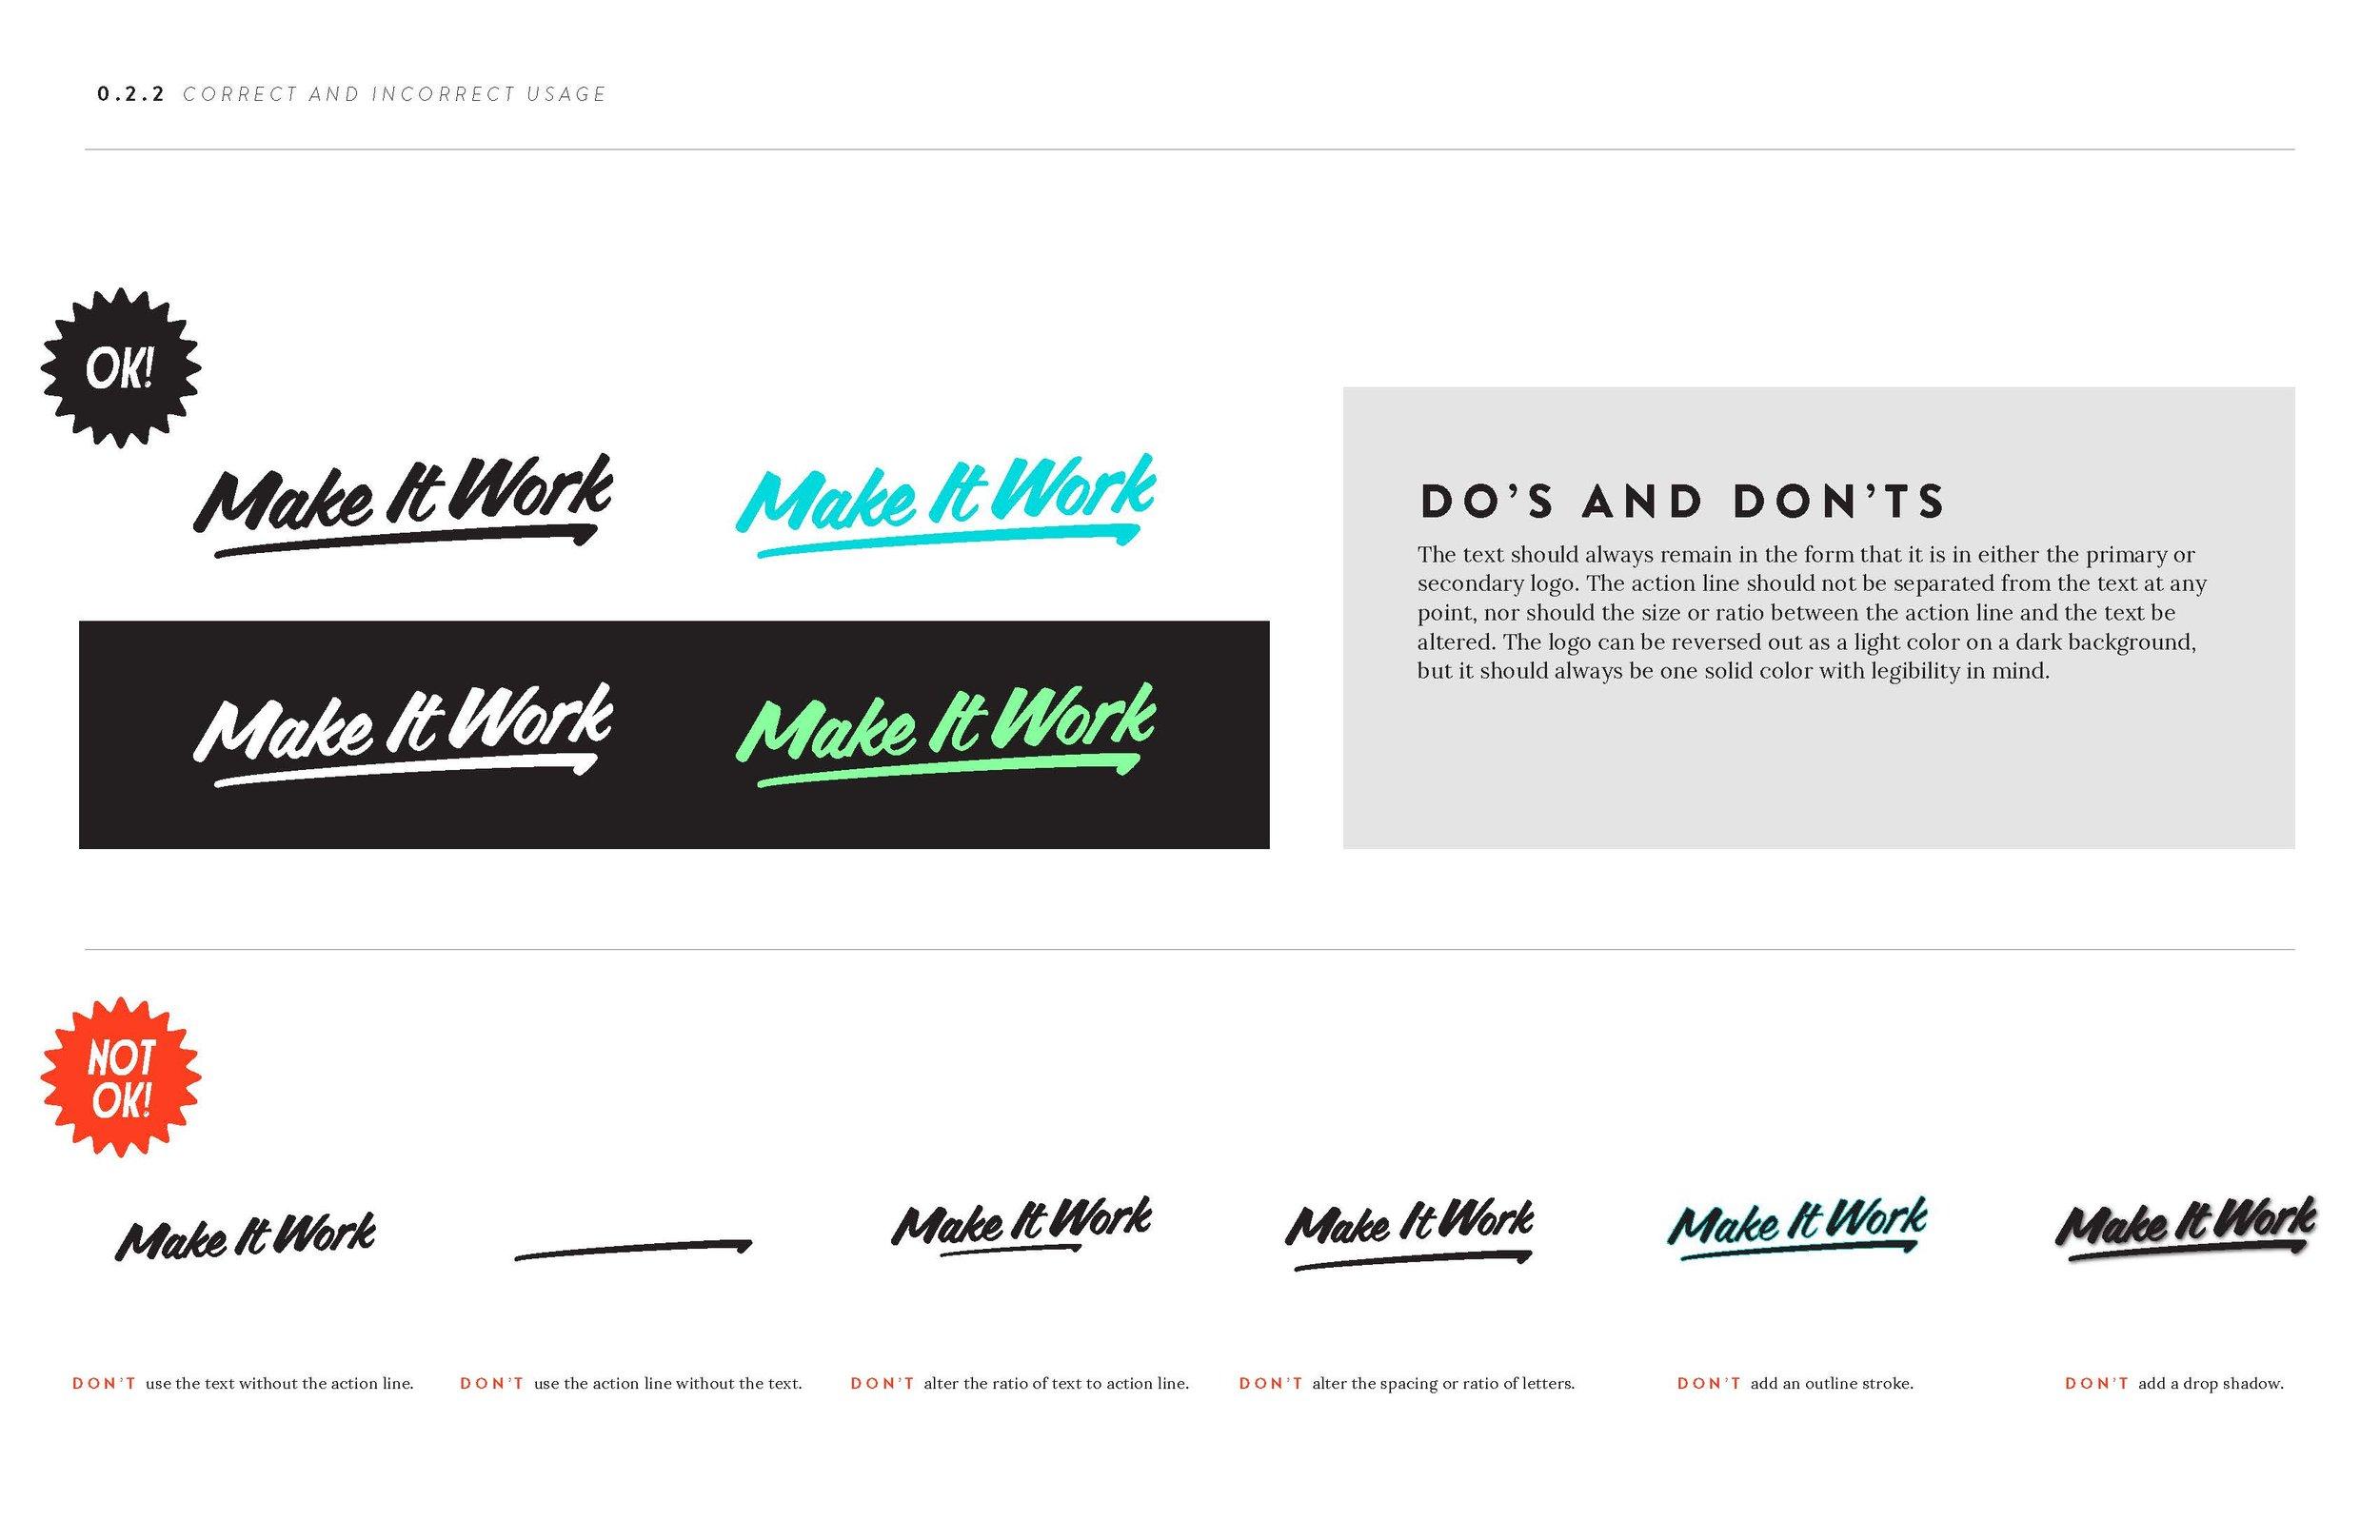 MIW_BrandGuidelines_Page_04.jpg